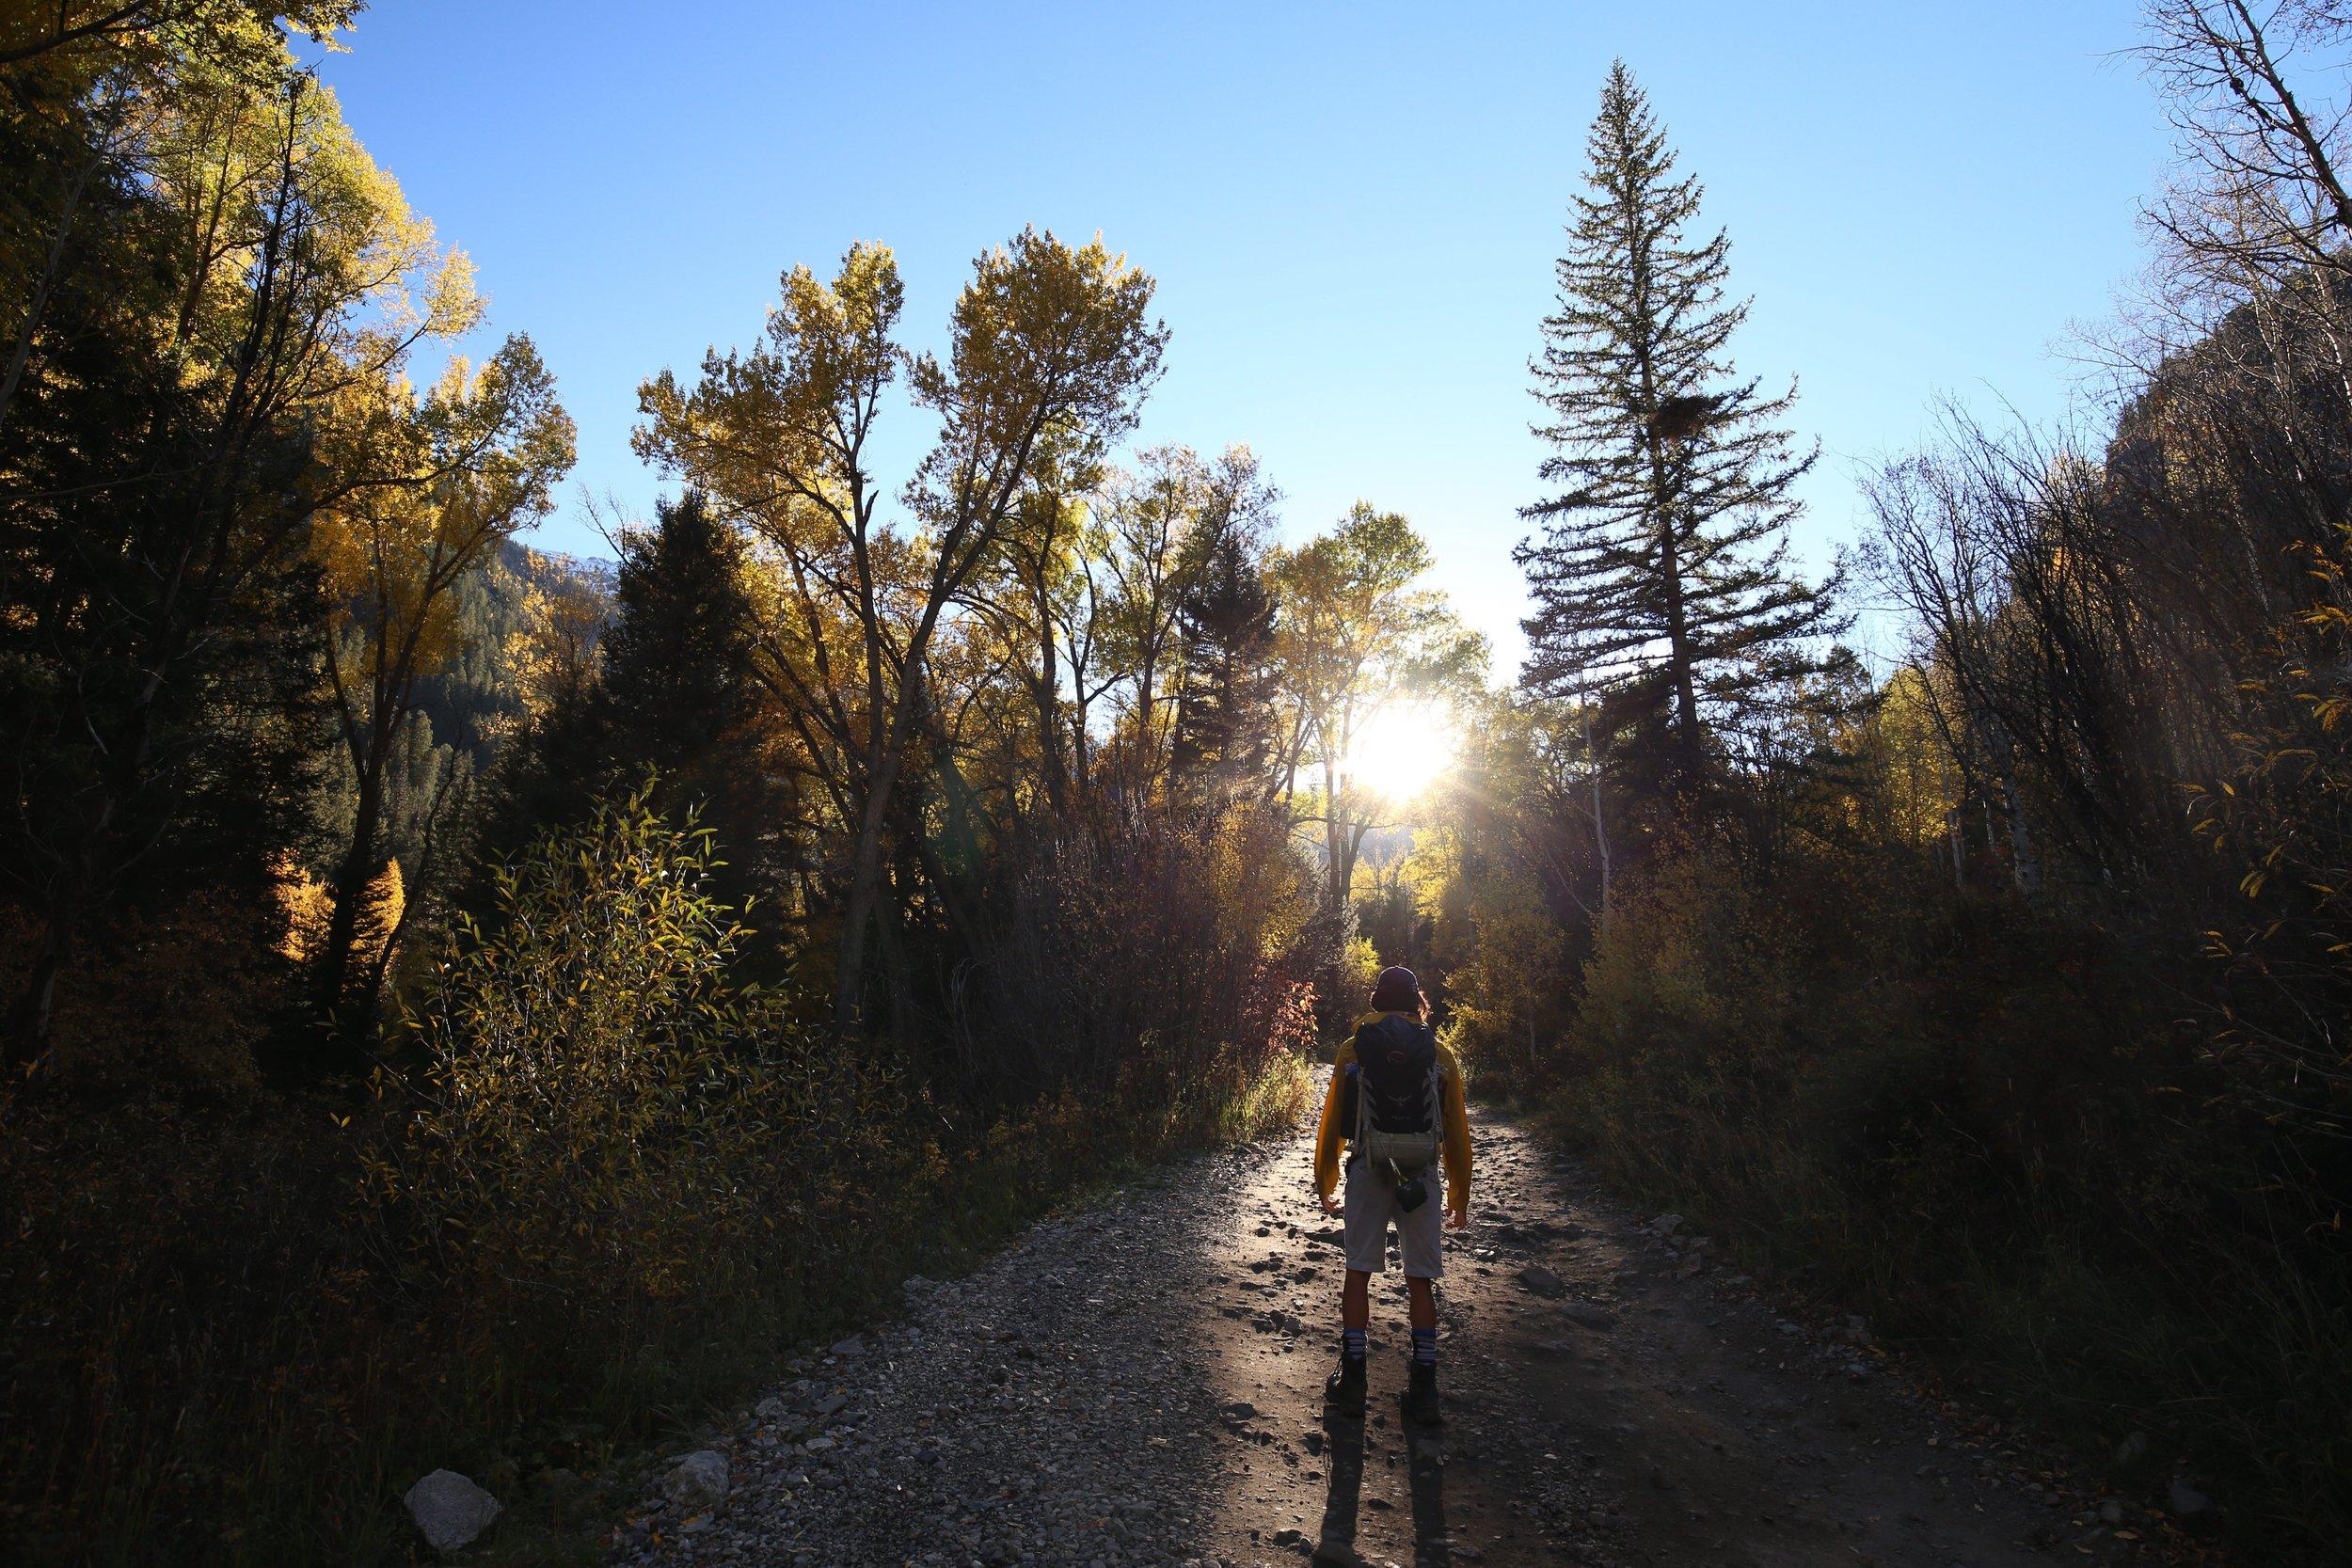 Exploring the aspen groves of Colorado.